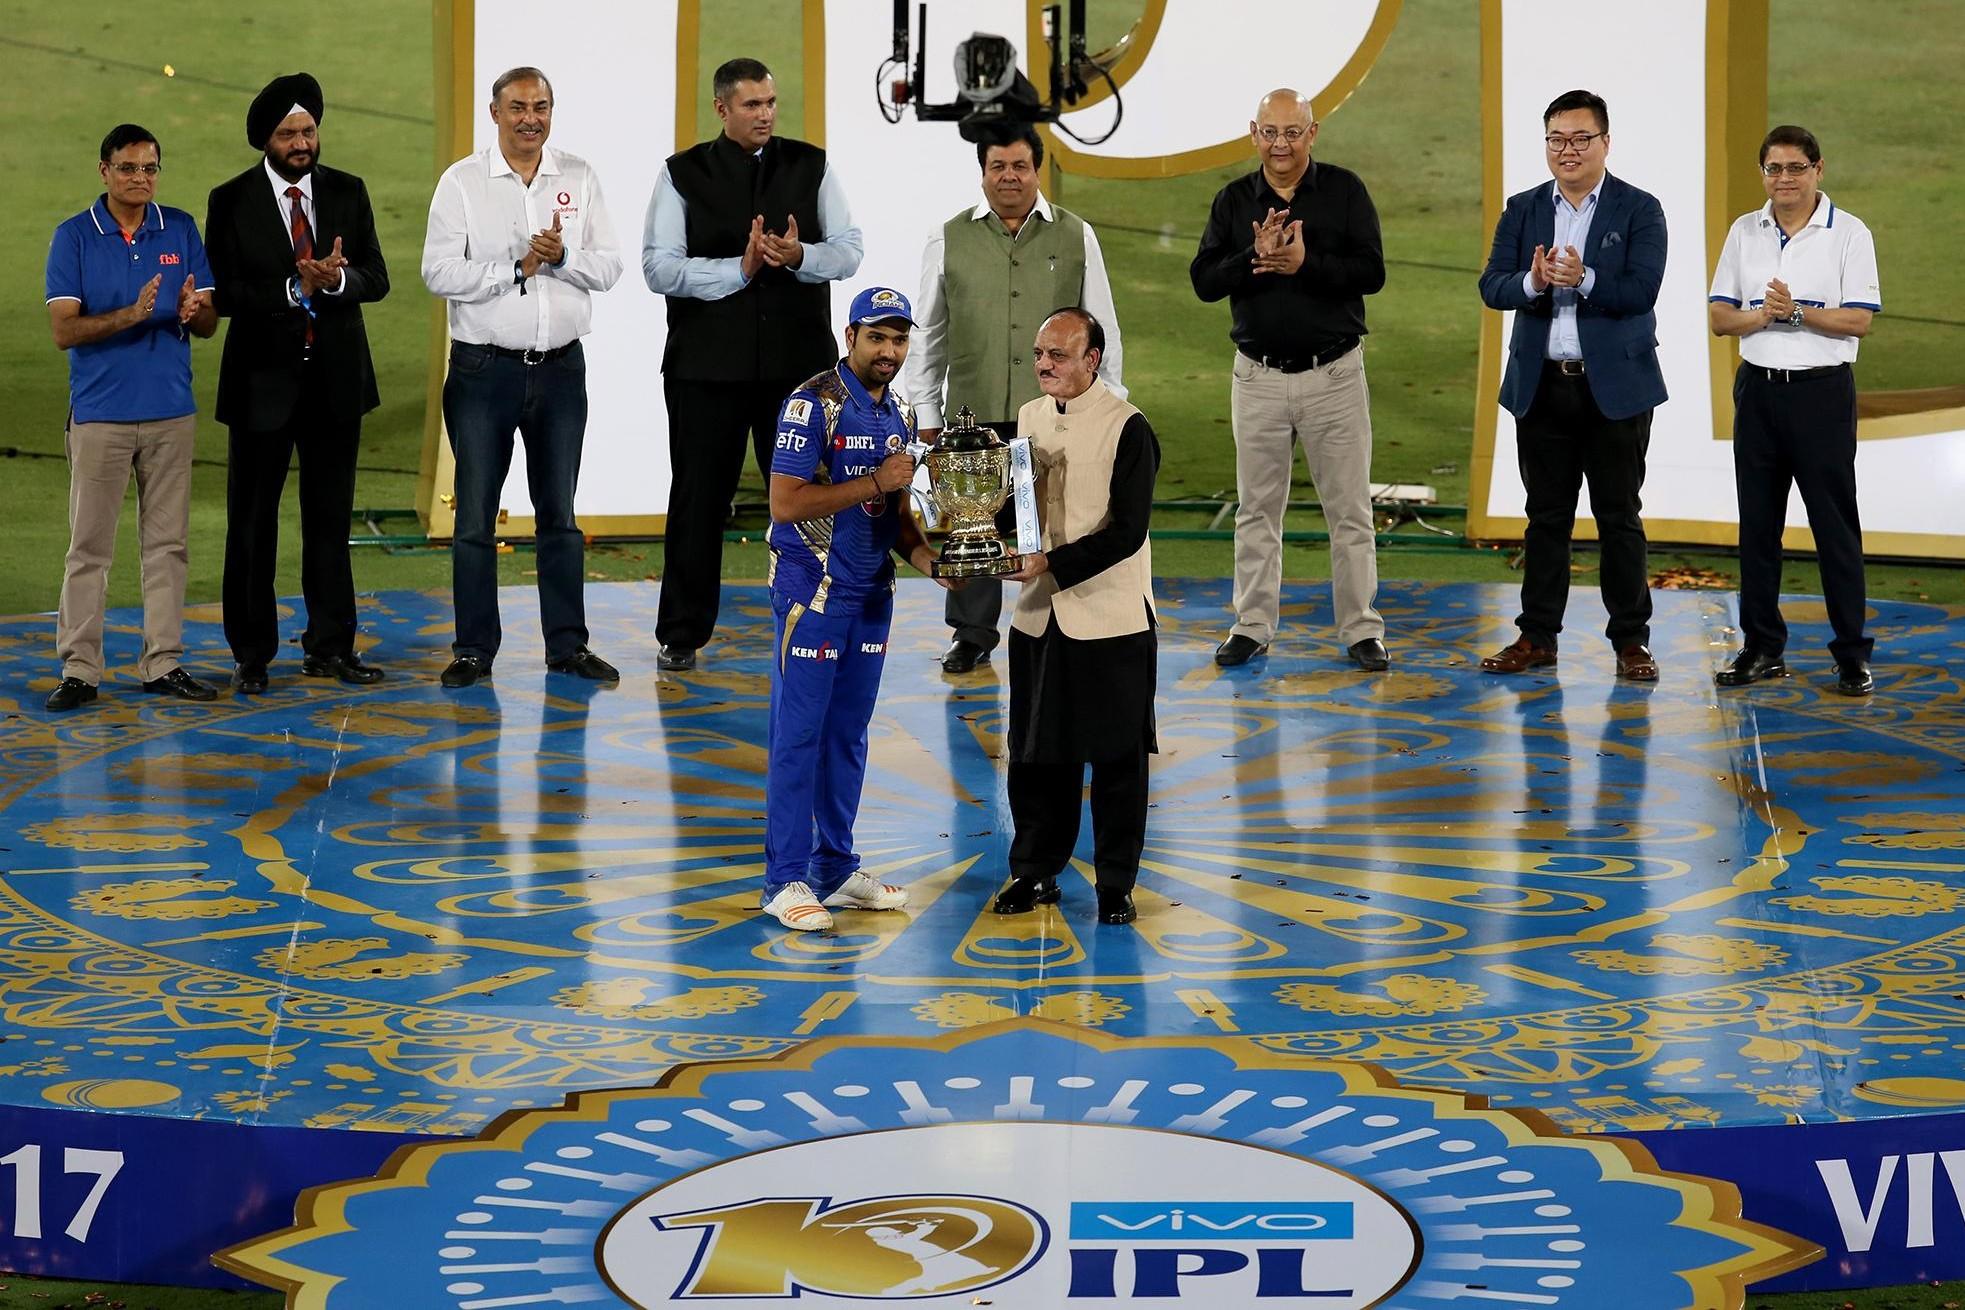 RPS V MI: ख़िताब जीतने के साथ ही रोहित शर्मा ने बनाये कई बड़े रिकार्ड्स 53